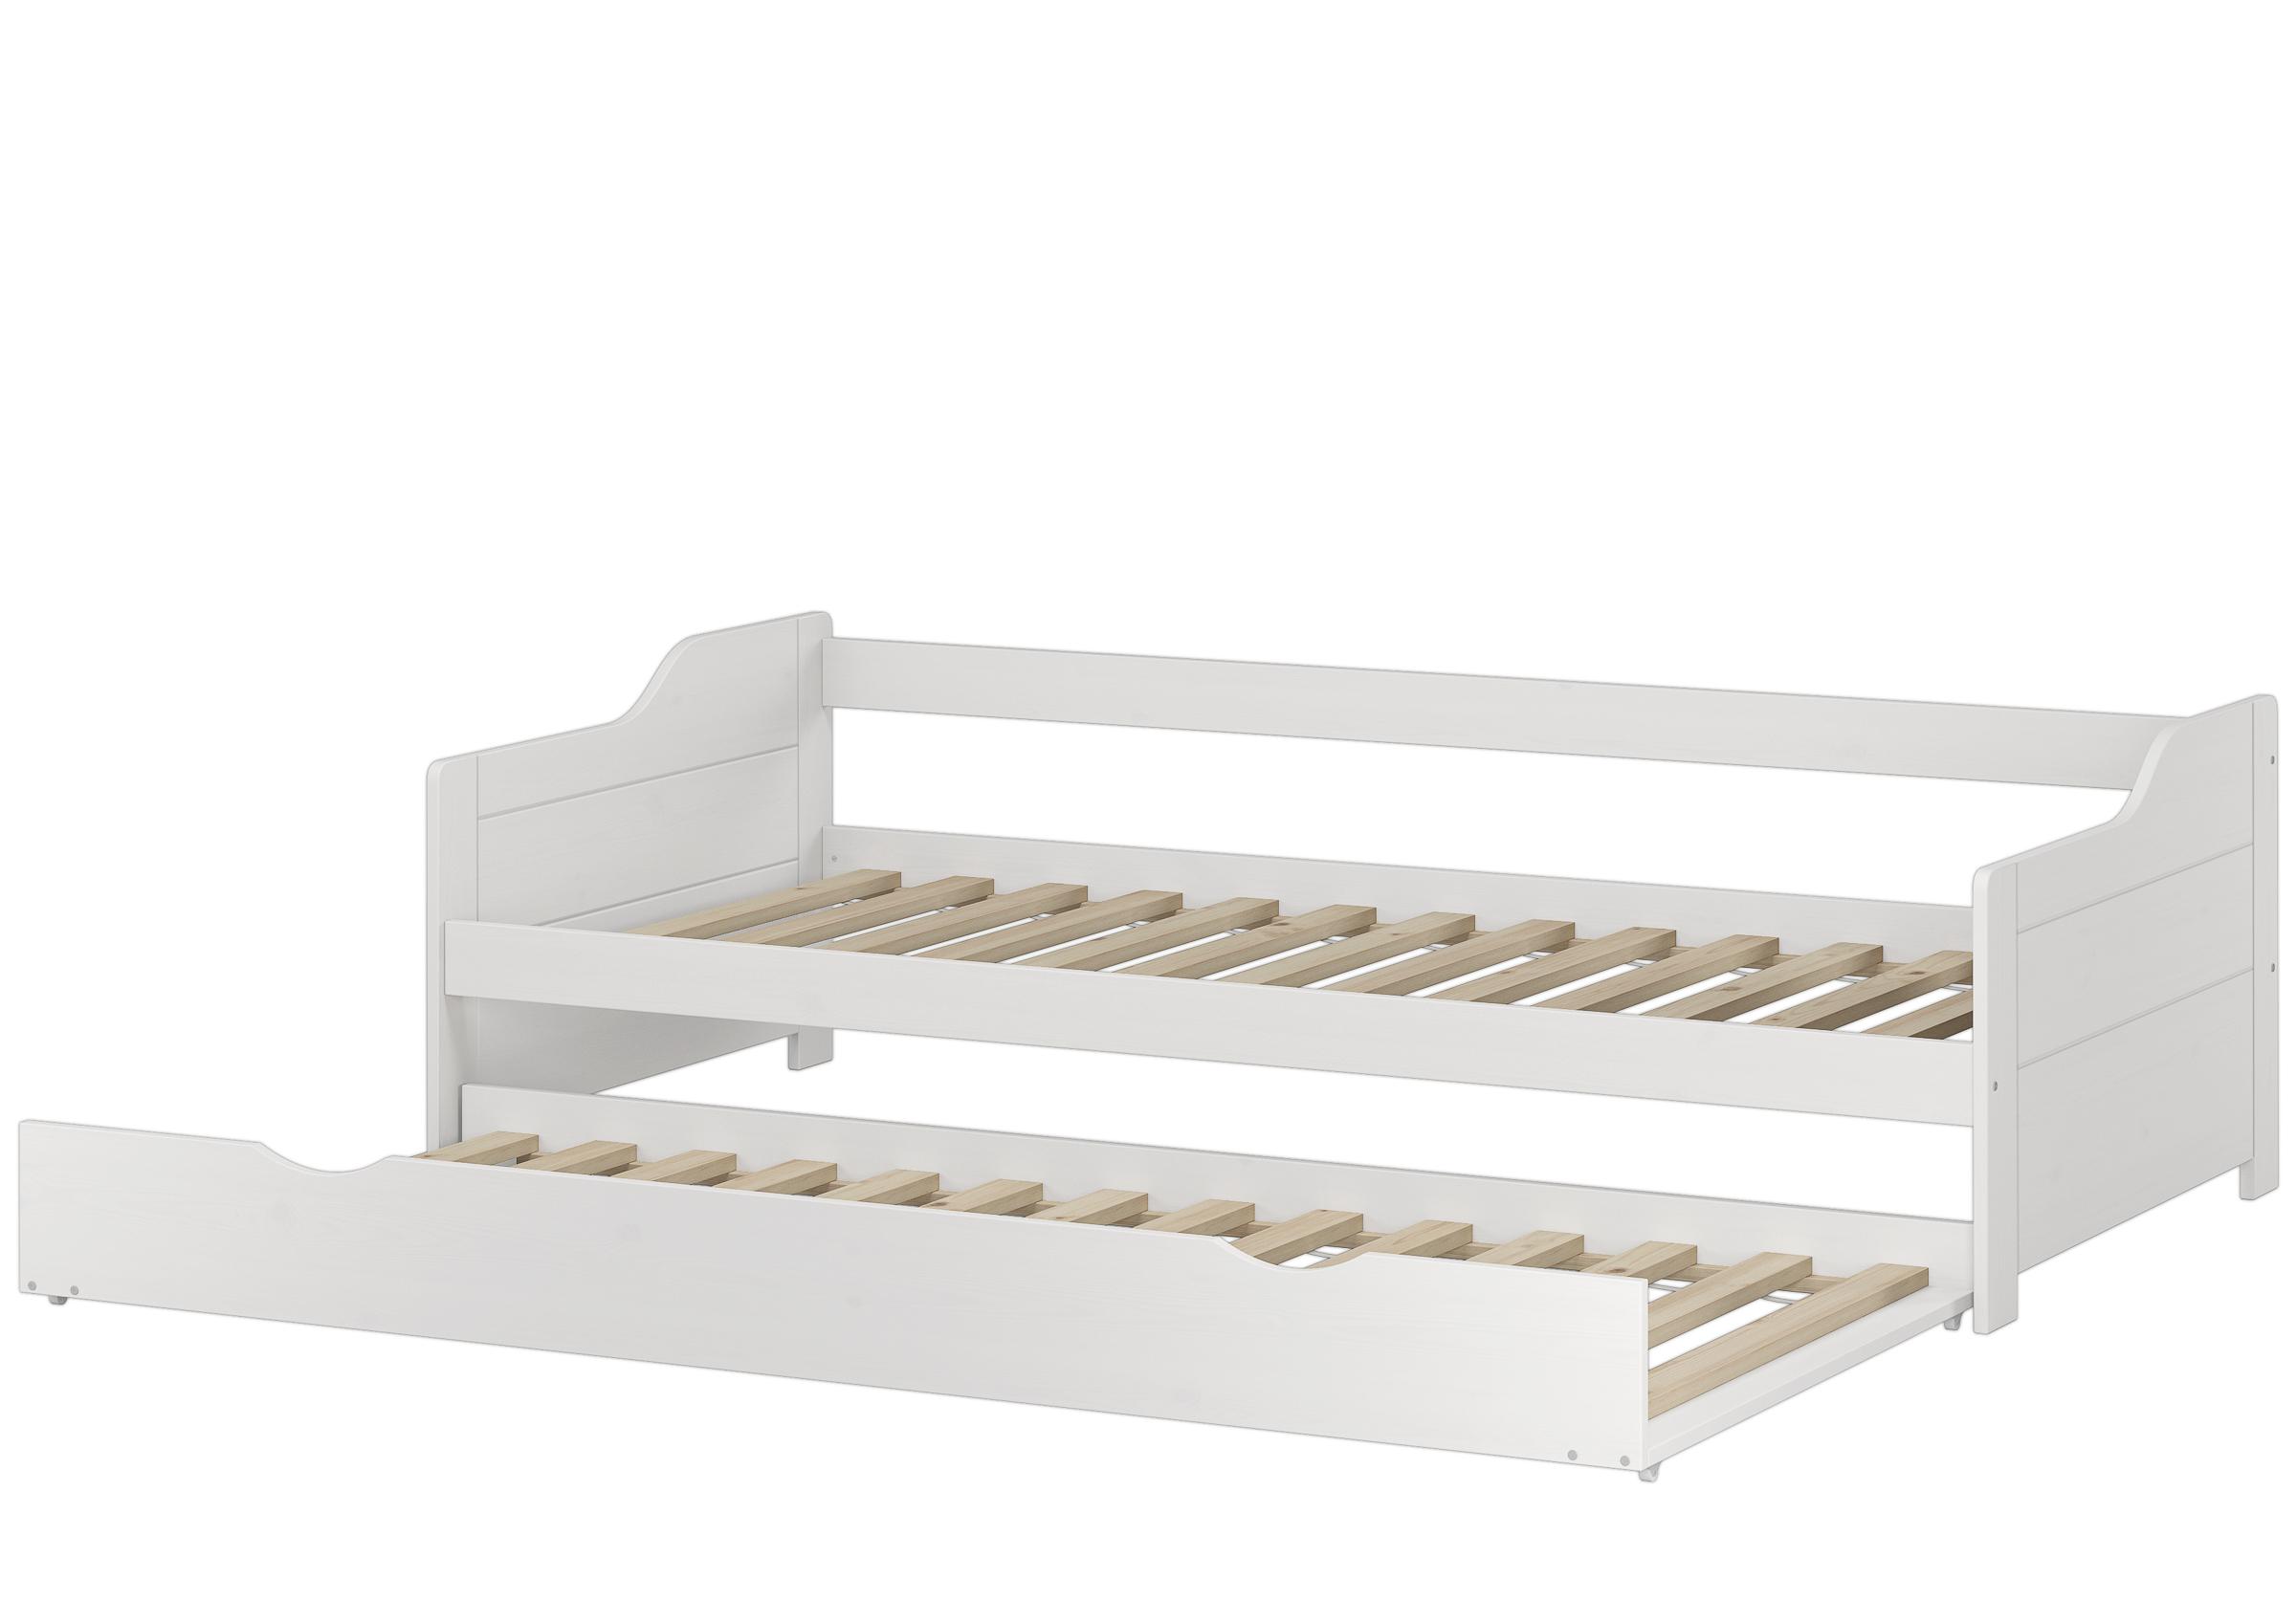 Einzelbett mit bettkasten  Sofabett Doppelbett Bettgestell 90x200 Einzelbett Bett + Bettkasten ...